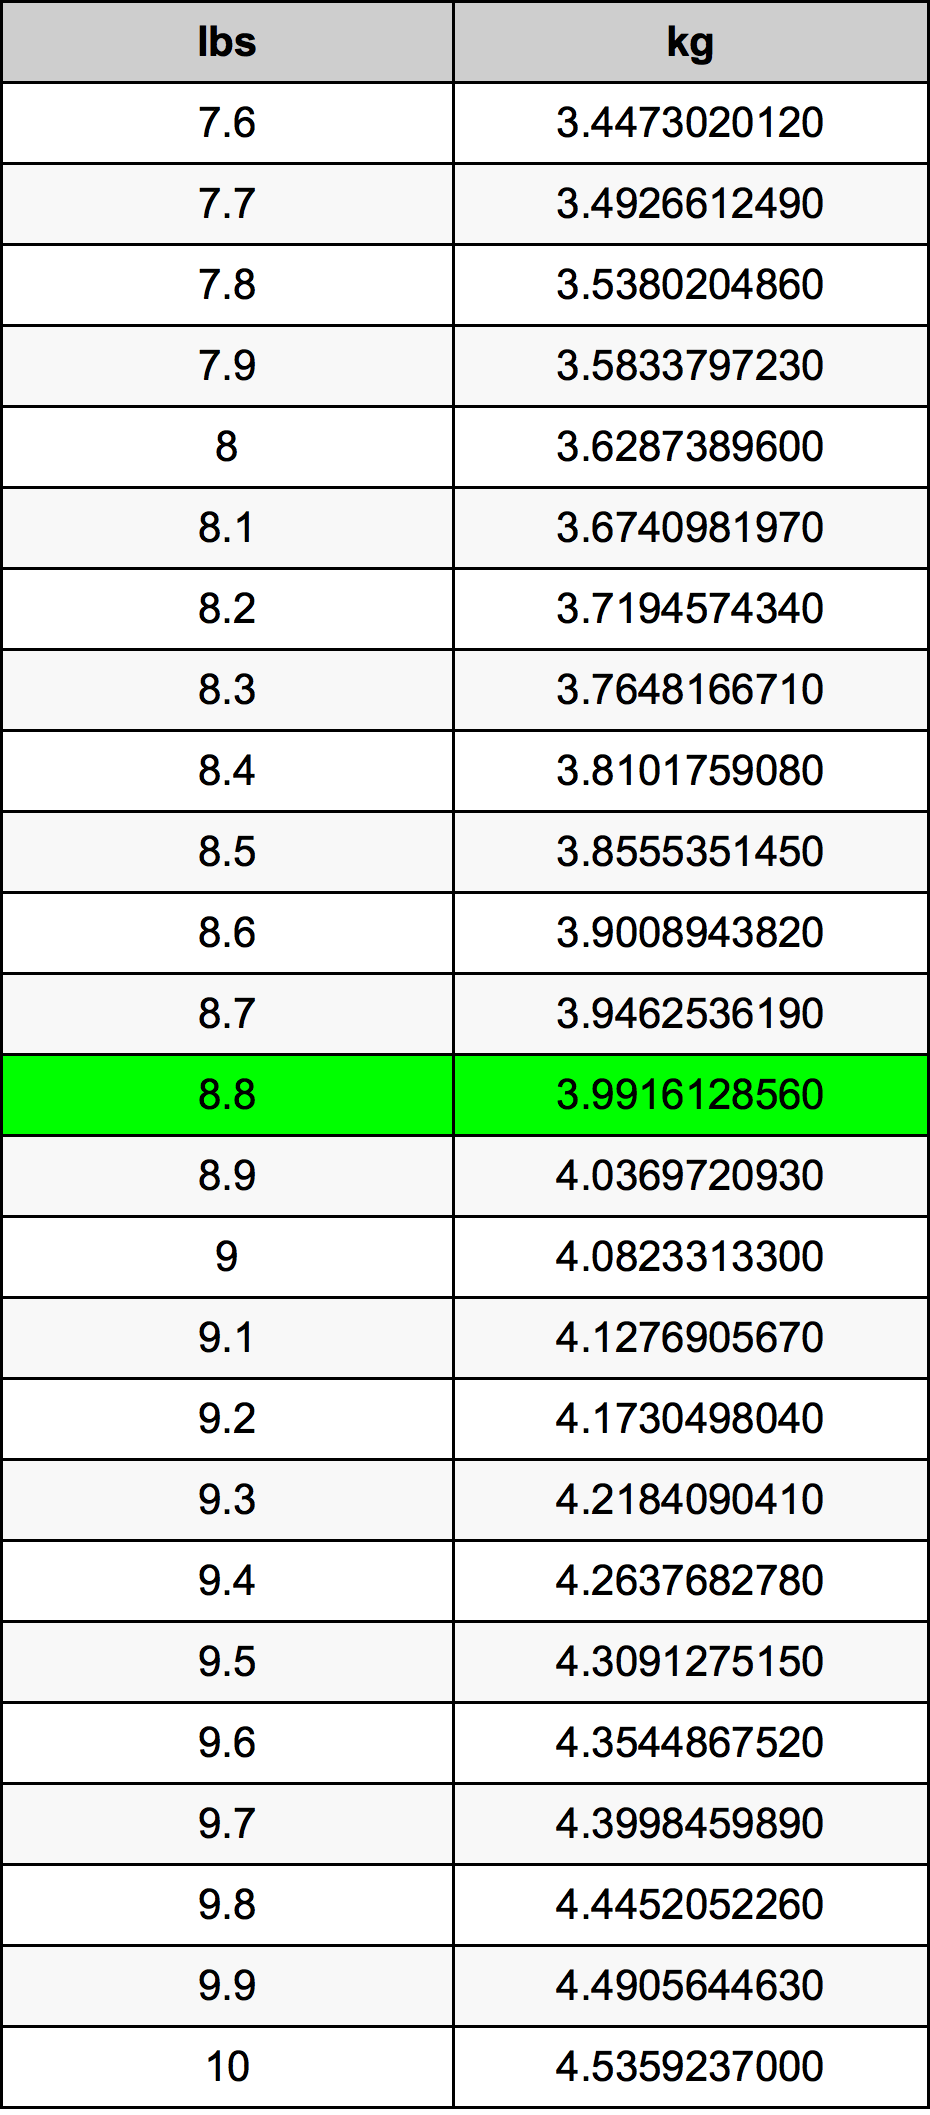 8.8 رطل جدول تحويل